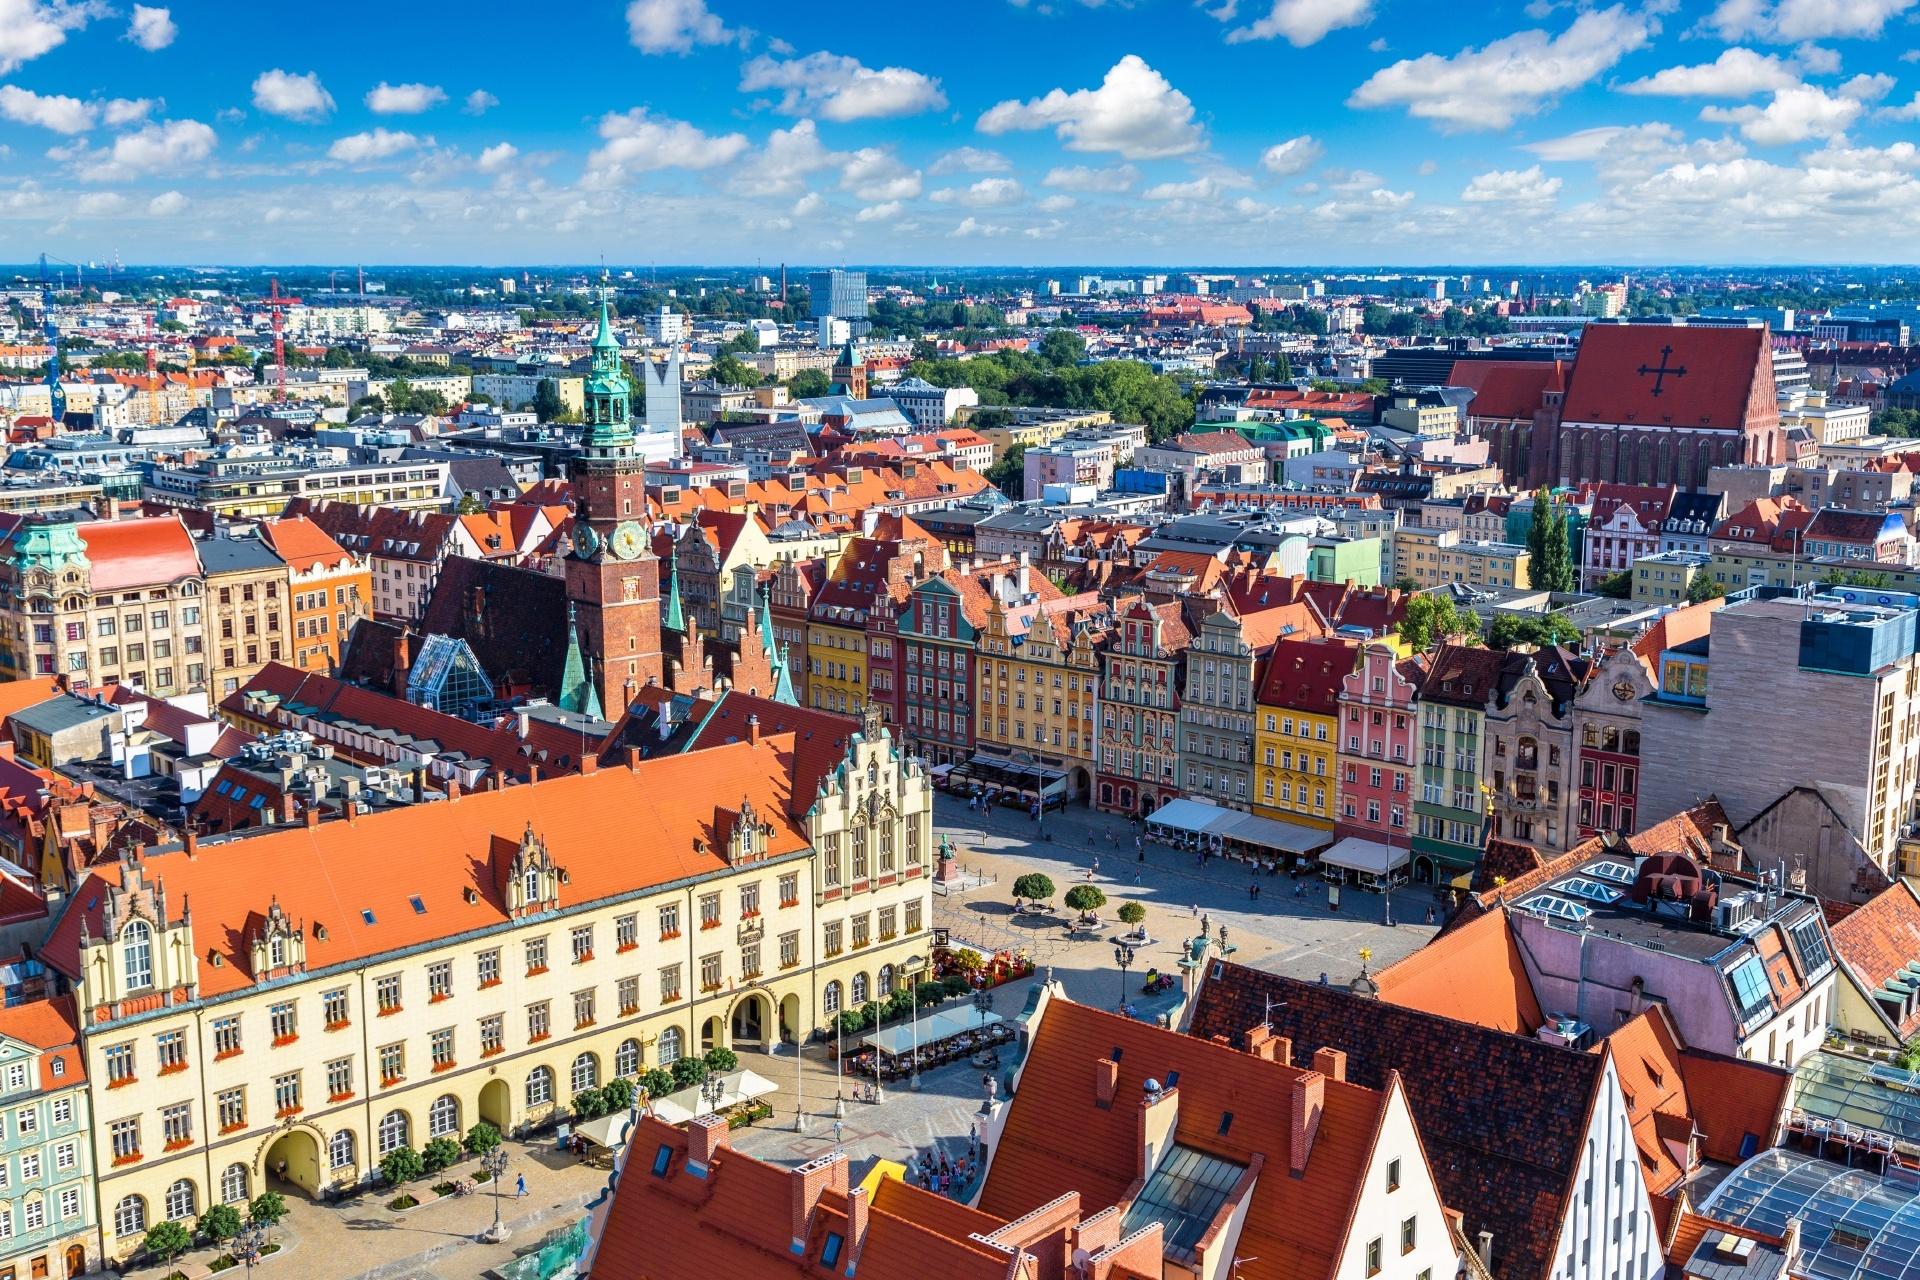 ヴロツワフのマーケット広場 夏のポーランドの風景